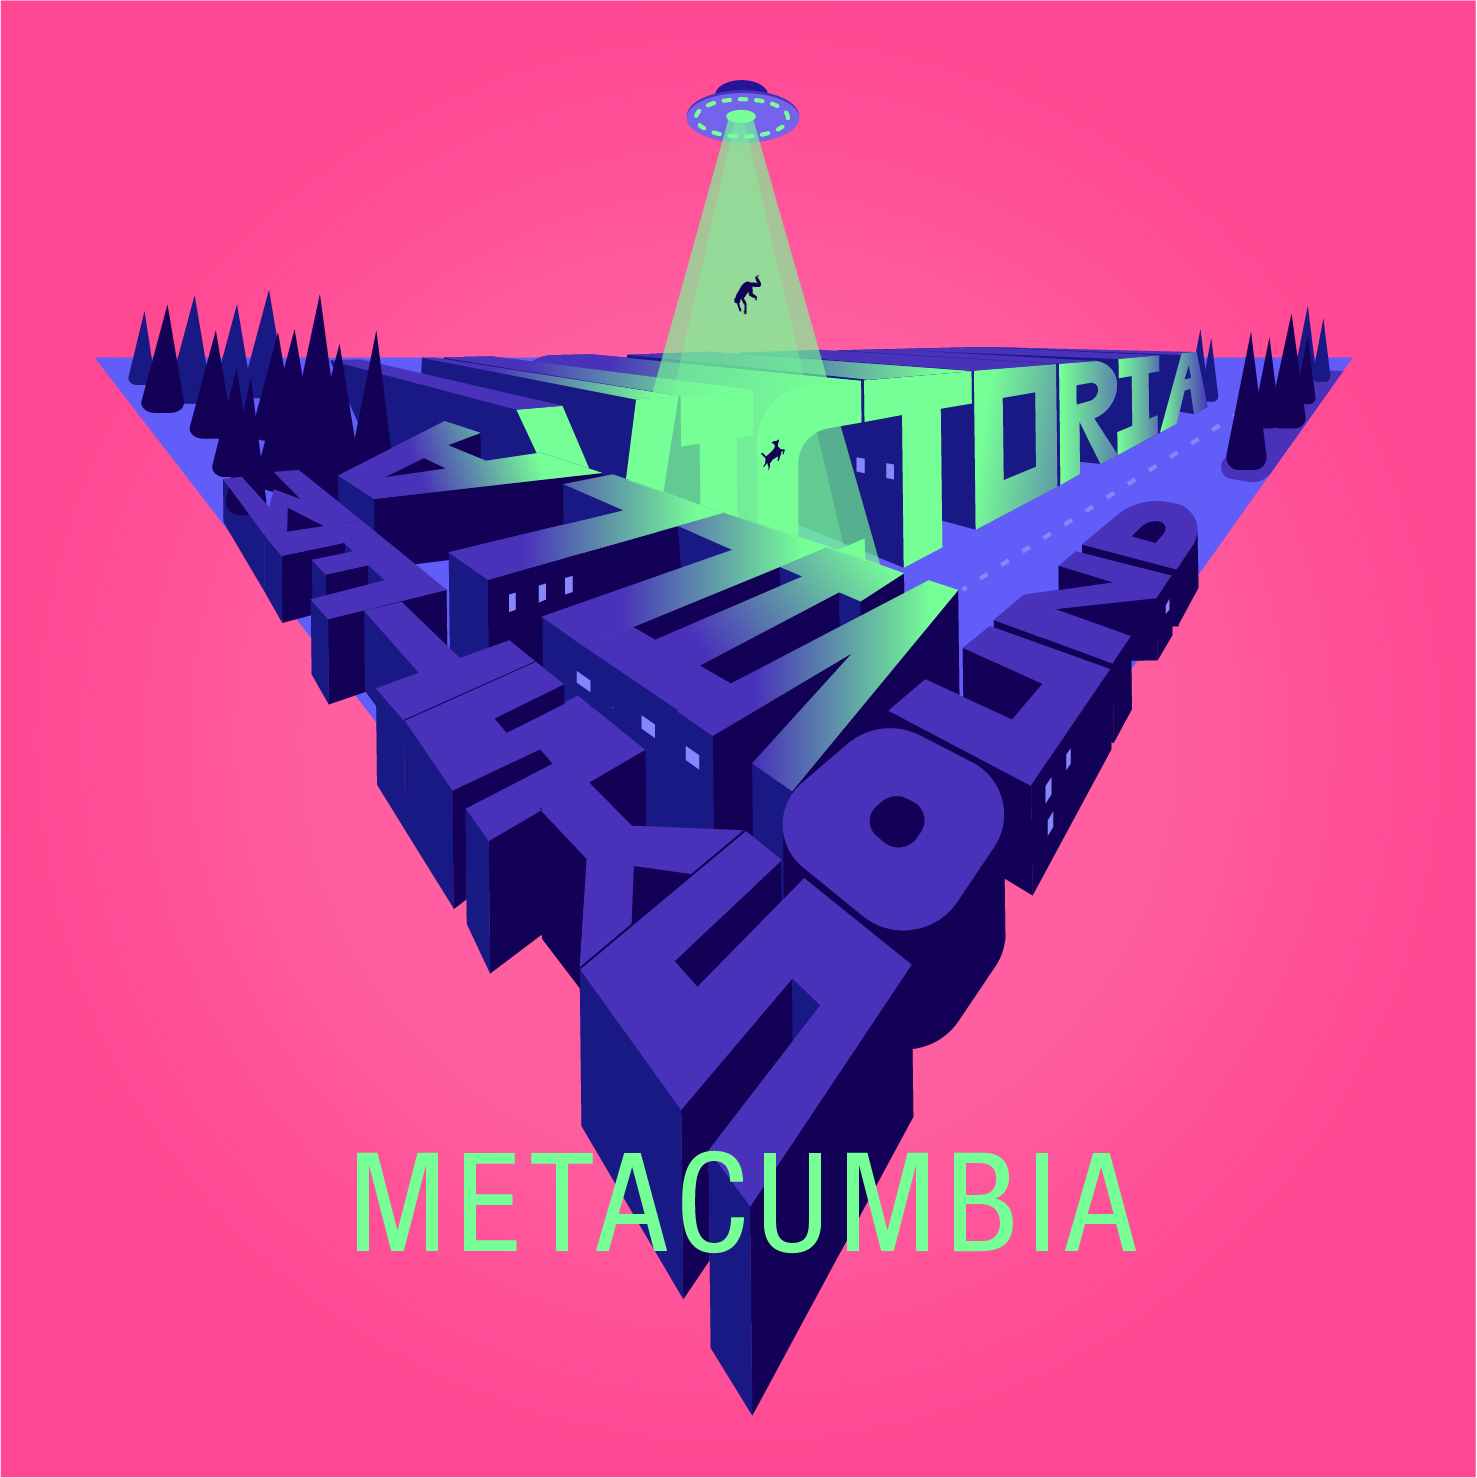 MetaCumbia